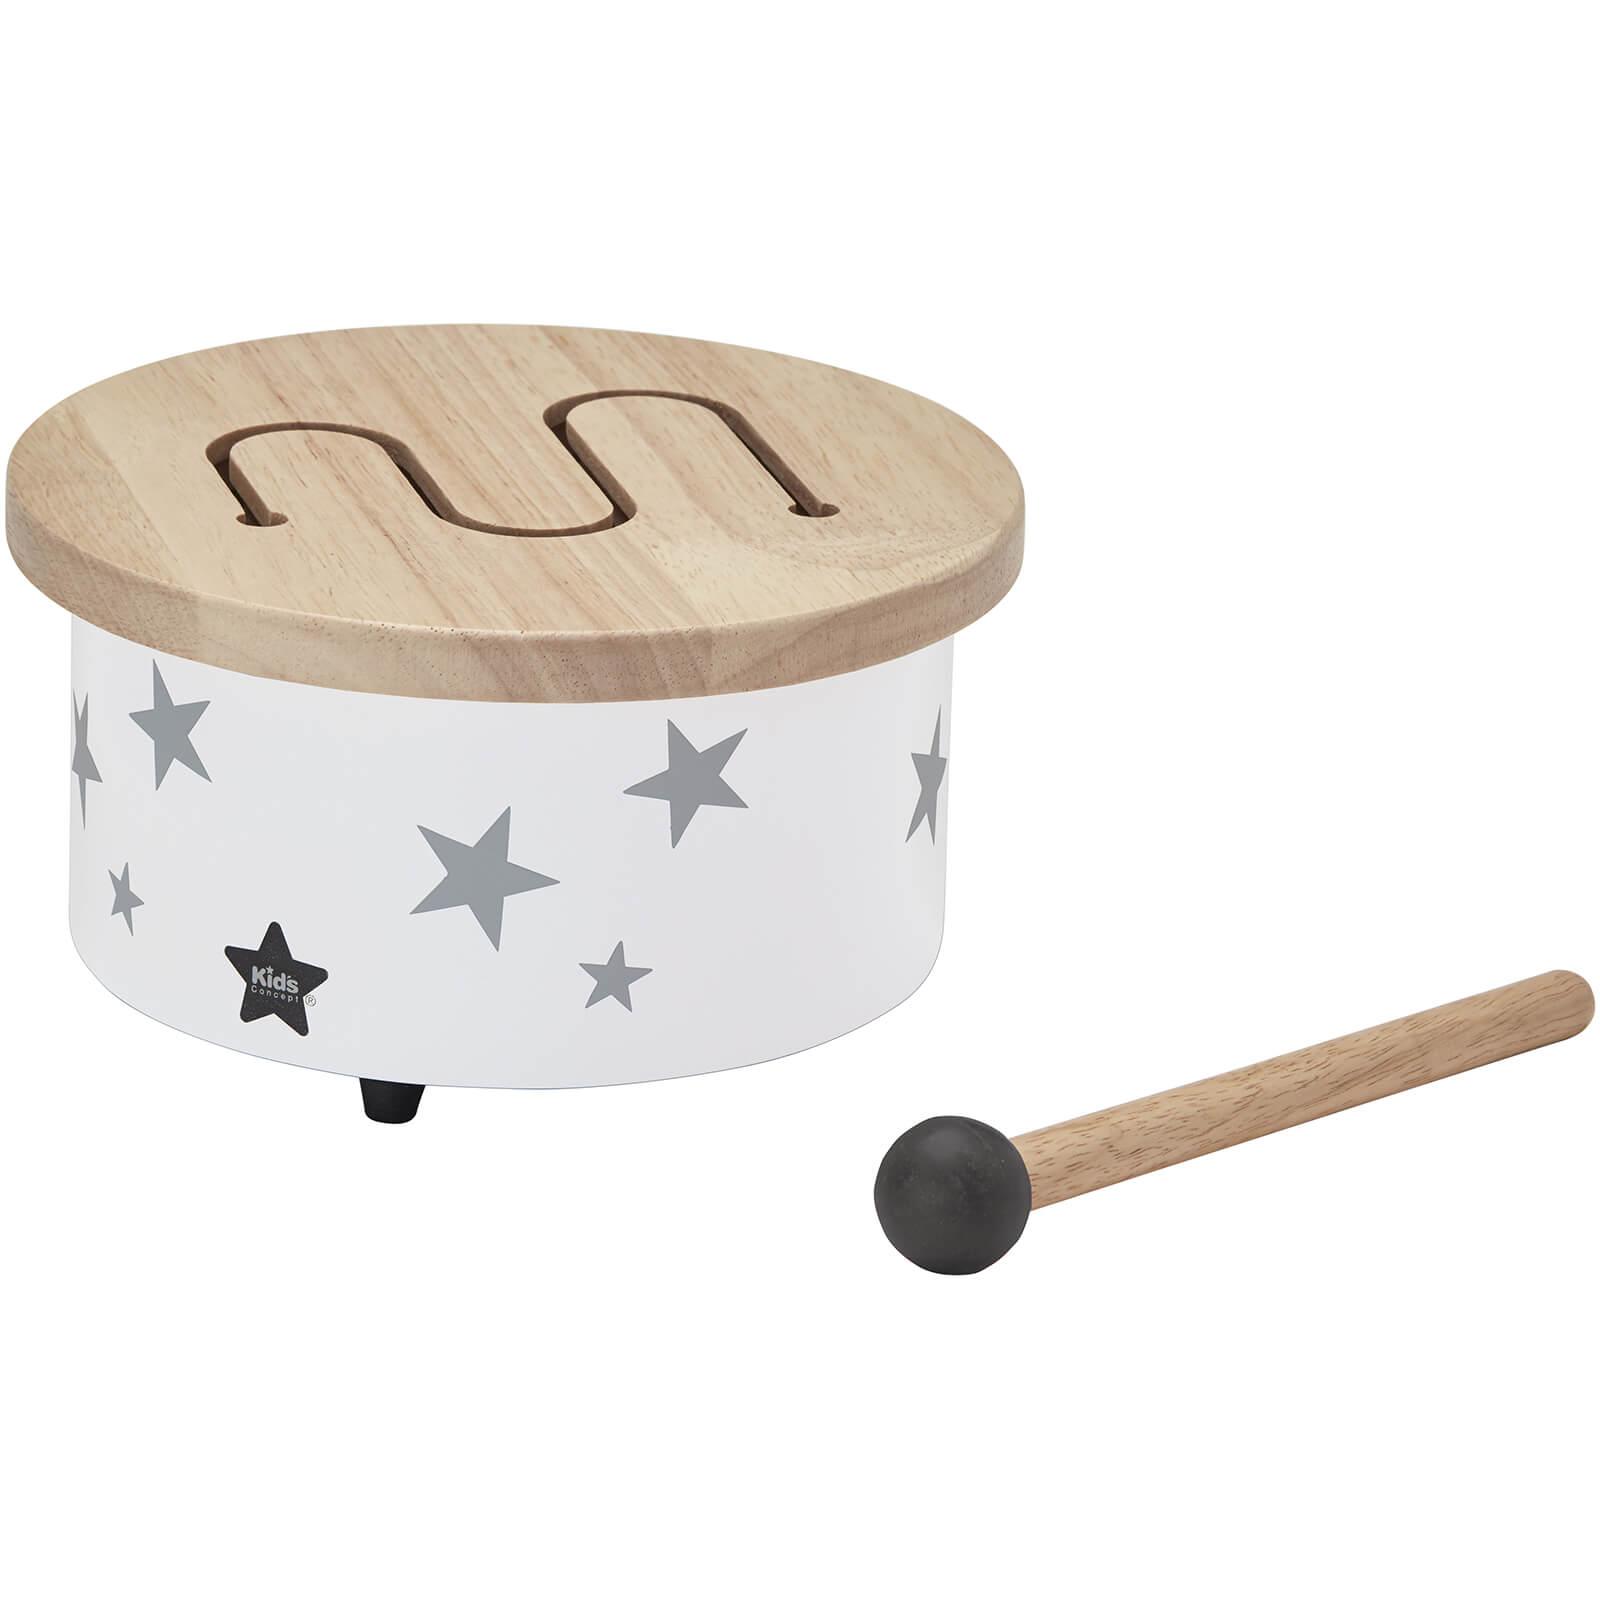 Kids Concept Mini Drum - White